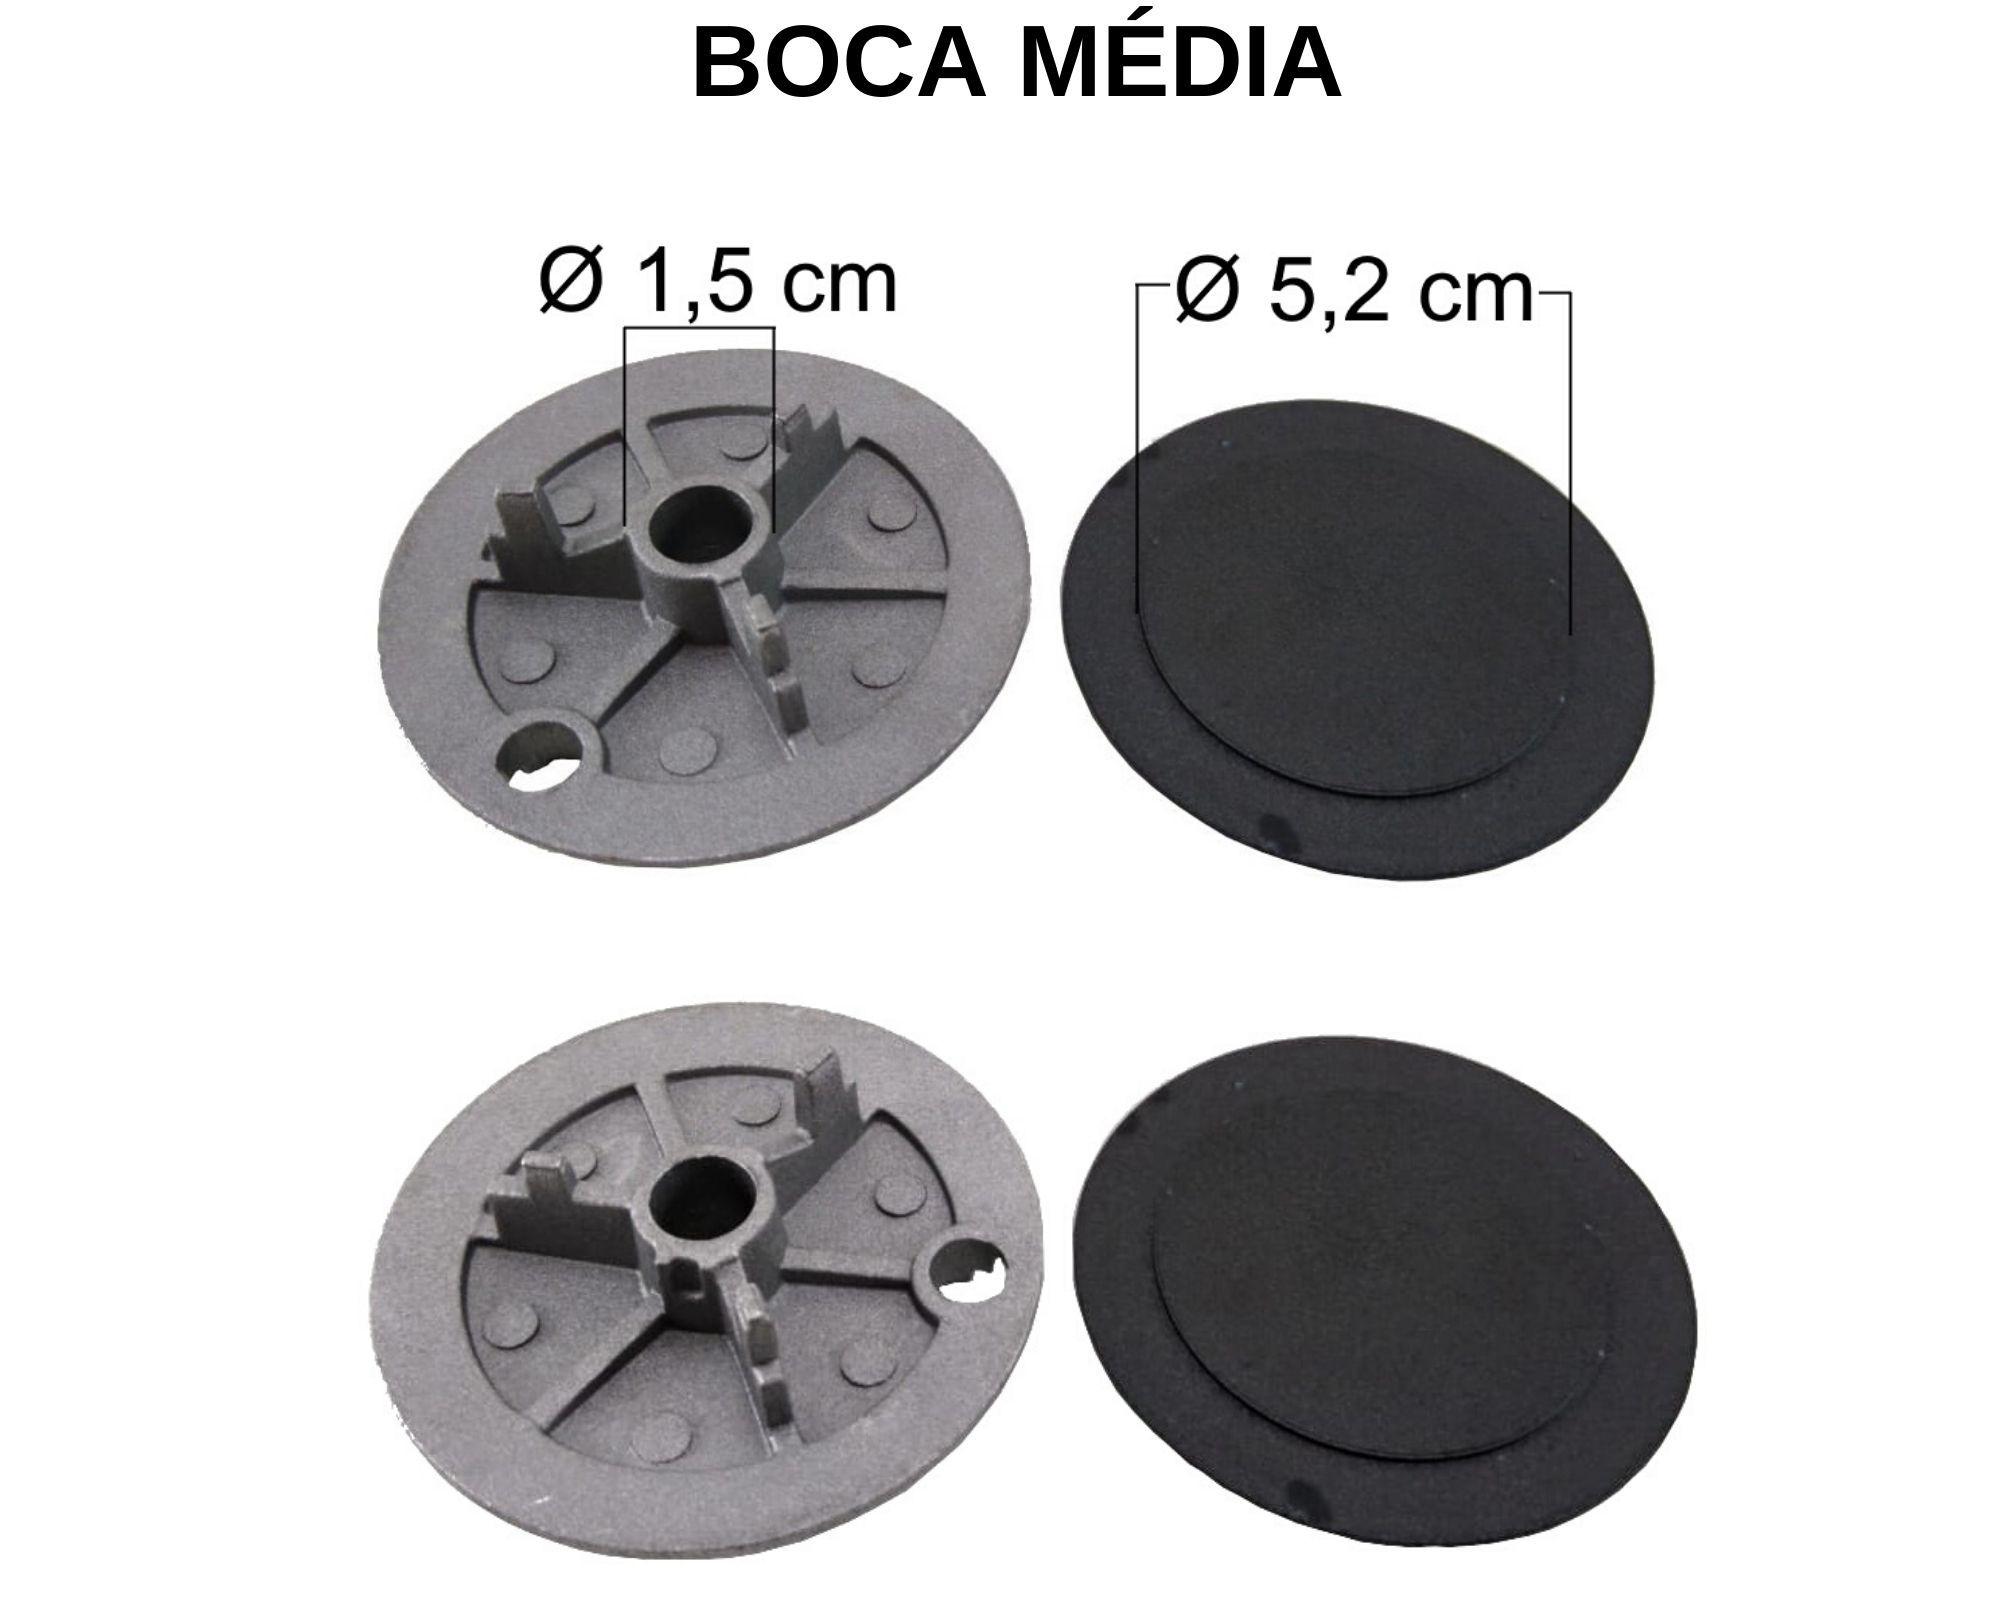 Kit Queimadores Fogão ELECTROLUX 6 Bocas - Ref. KQFE6B